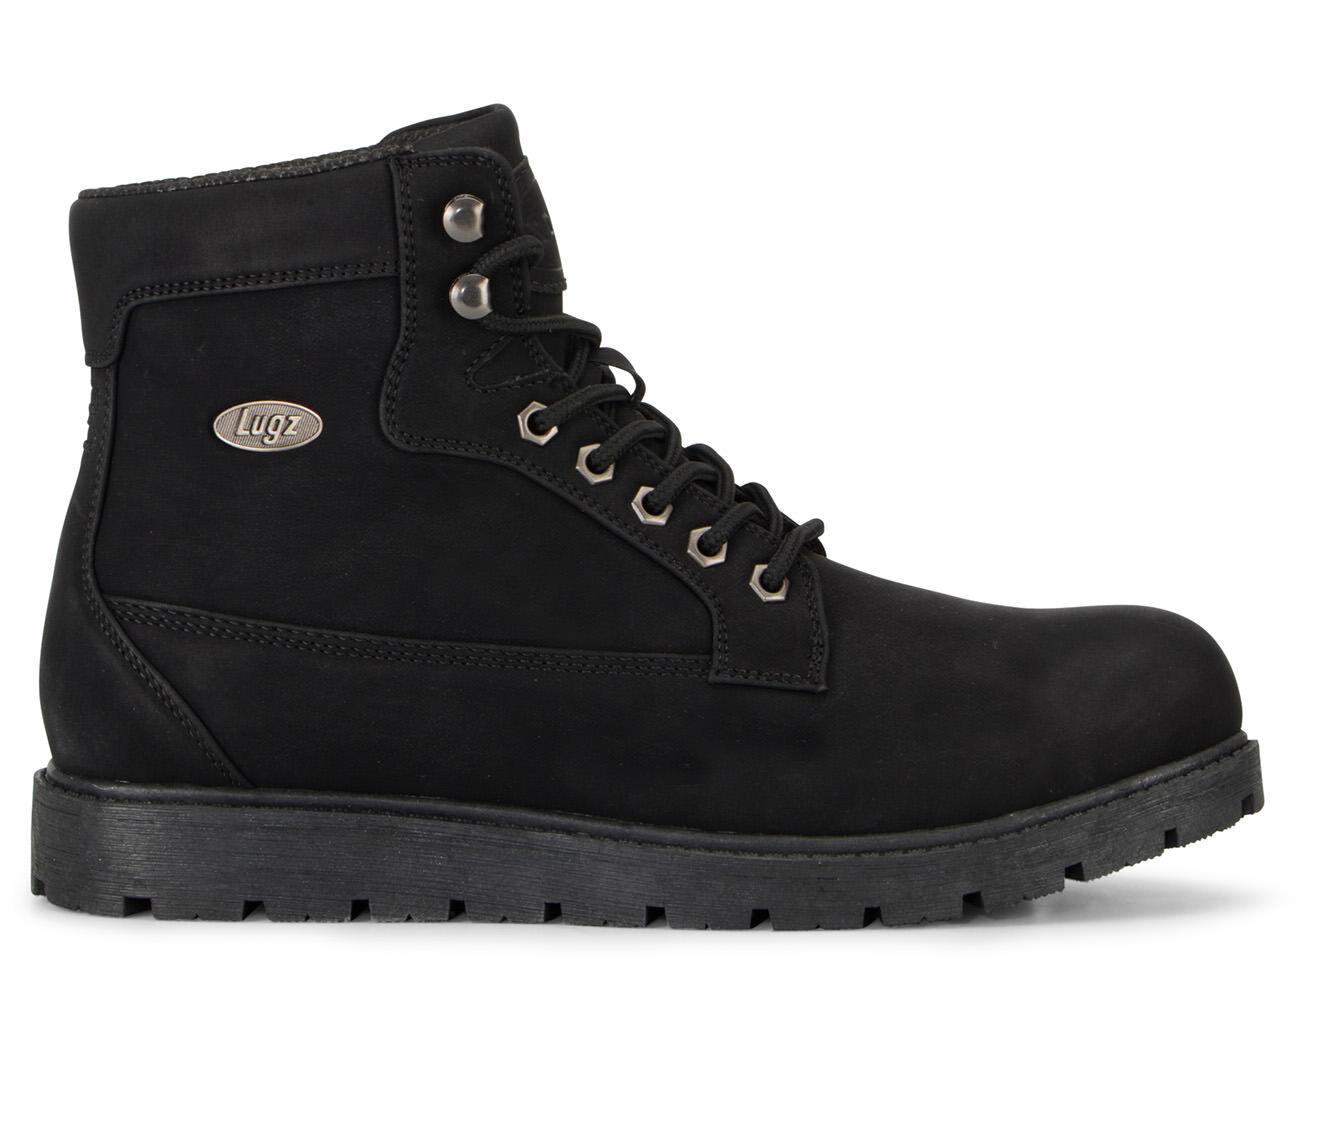 Men's Lugz Bedrock Hi Boots Black